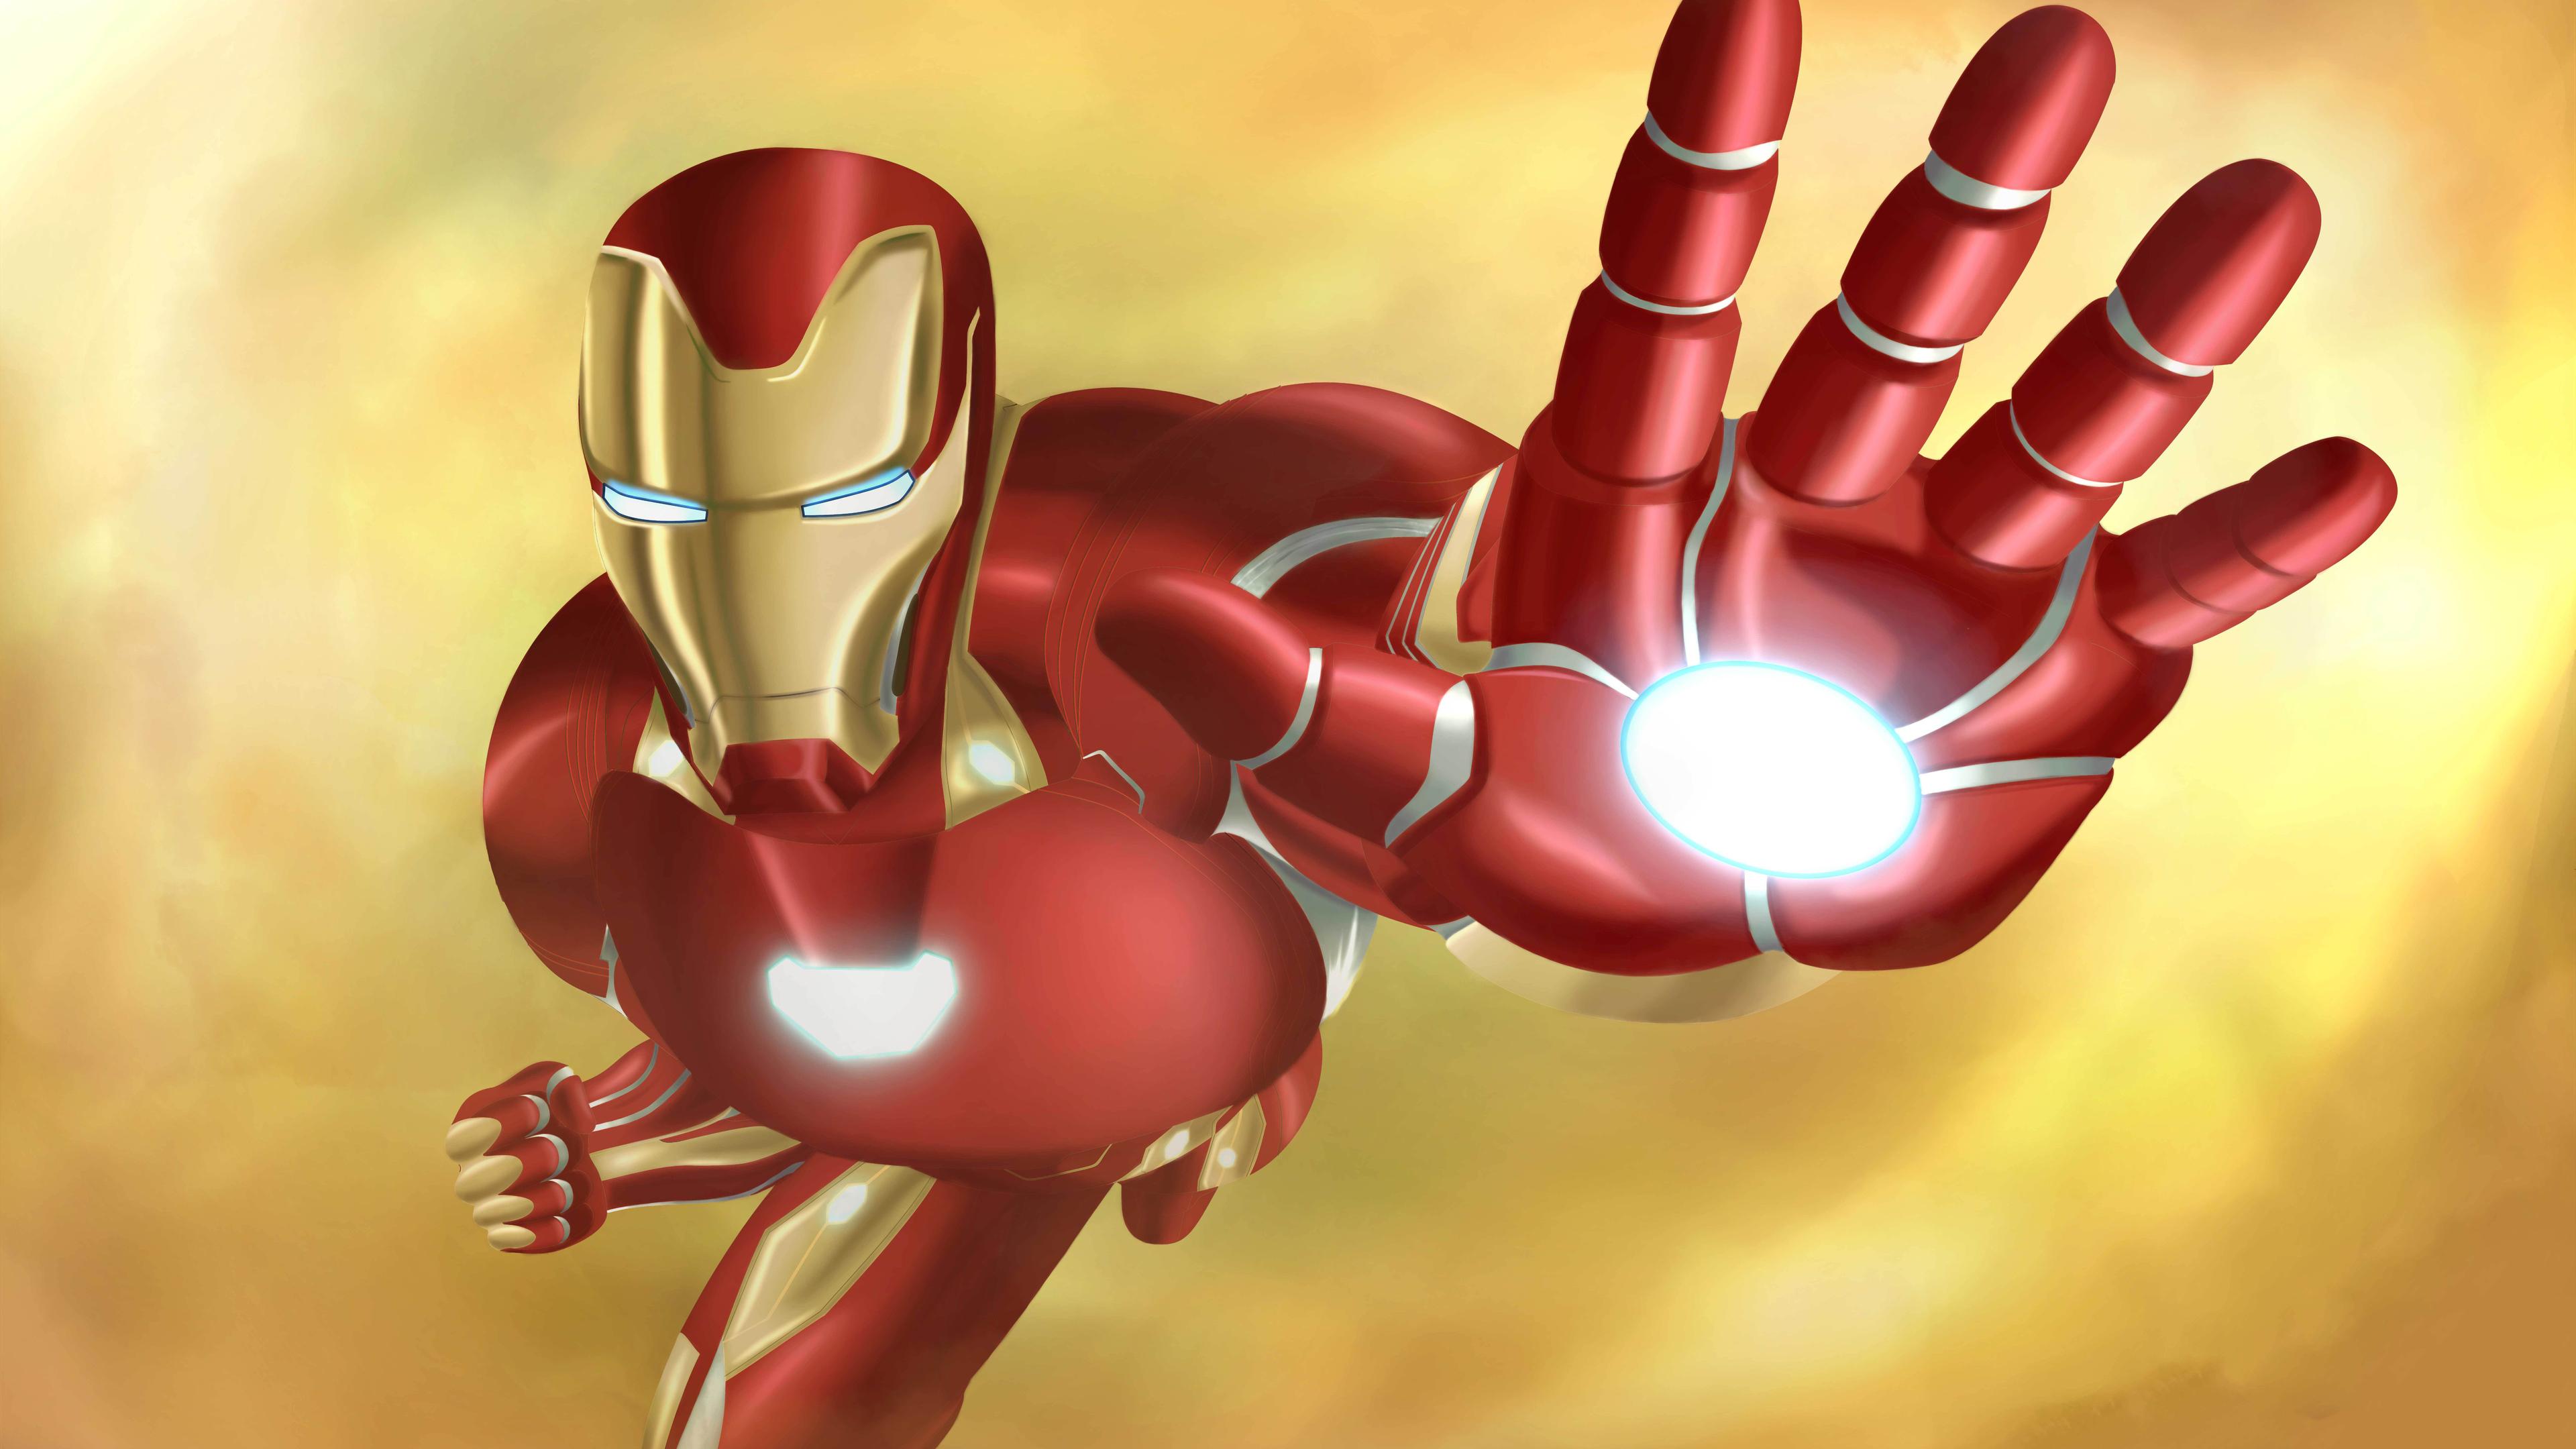 iron man infinity war 1568054968 - Iron Man Infinity War - superheroes wallpapers, iron man wallpapers, hd-wallpapers, deviantart wallpapers, artwork wallpapers, 8k wallpapers, 5k wallpapers, 4k-wallpapers, 12k wallpapers, 10k wallpapers